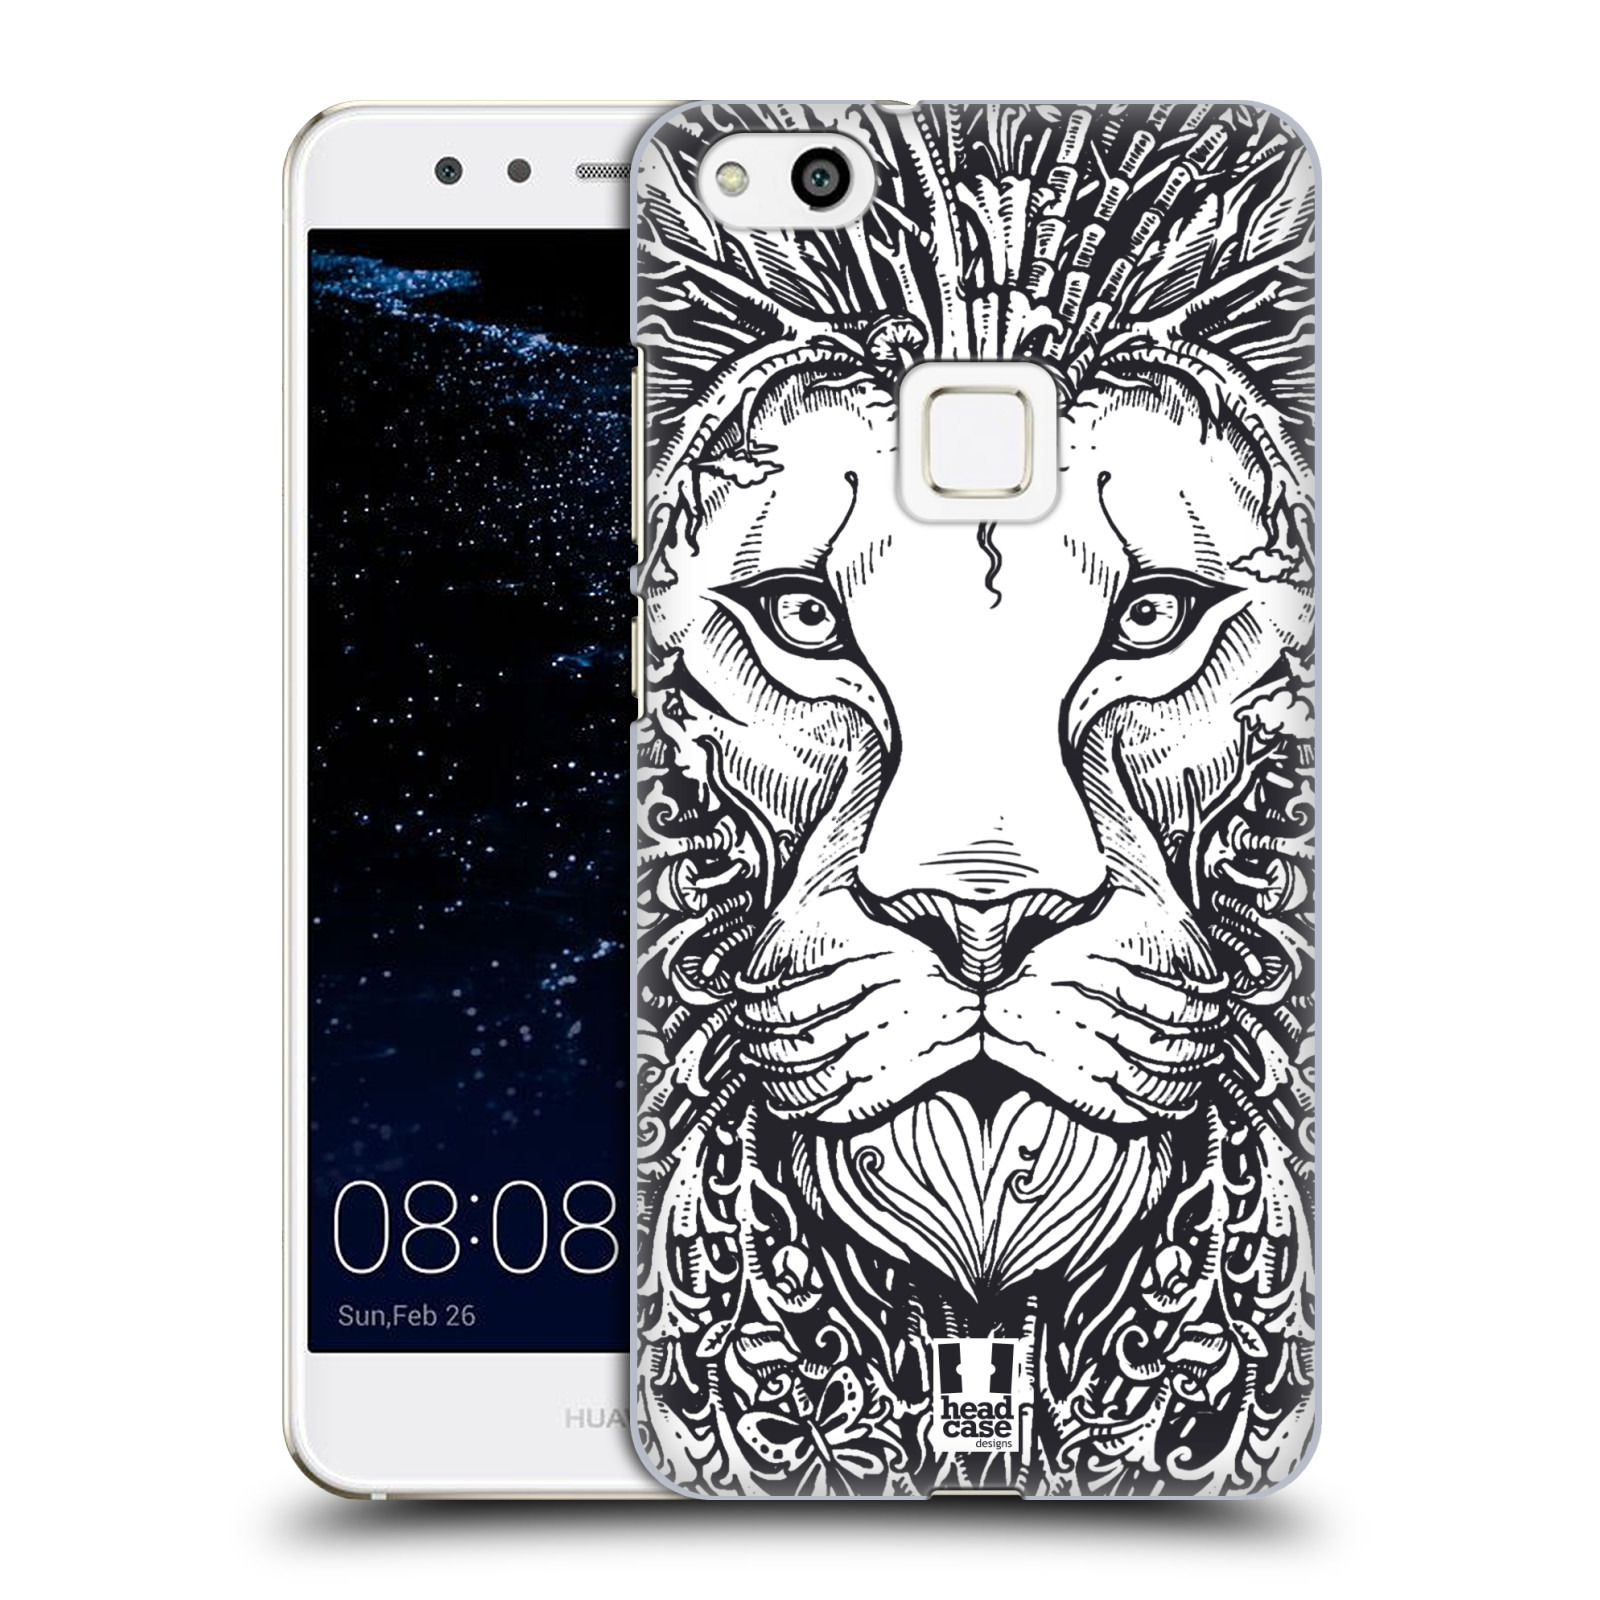 Plastové pouzdro na mobil Huawei P10 Lite Head Case - DOODLE TVÁŘ LEV (Plastový kryt či obal na mobilní telefon Huawei P10 Lite Dual SIM (LX1/LX1A))